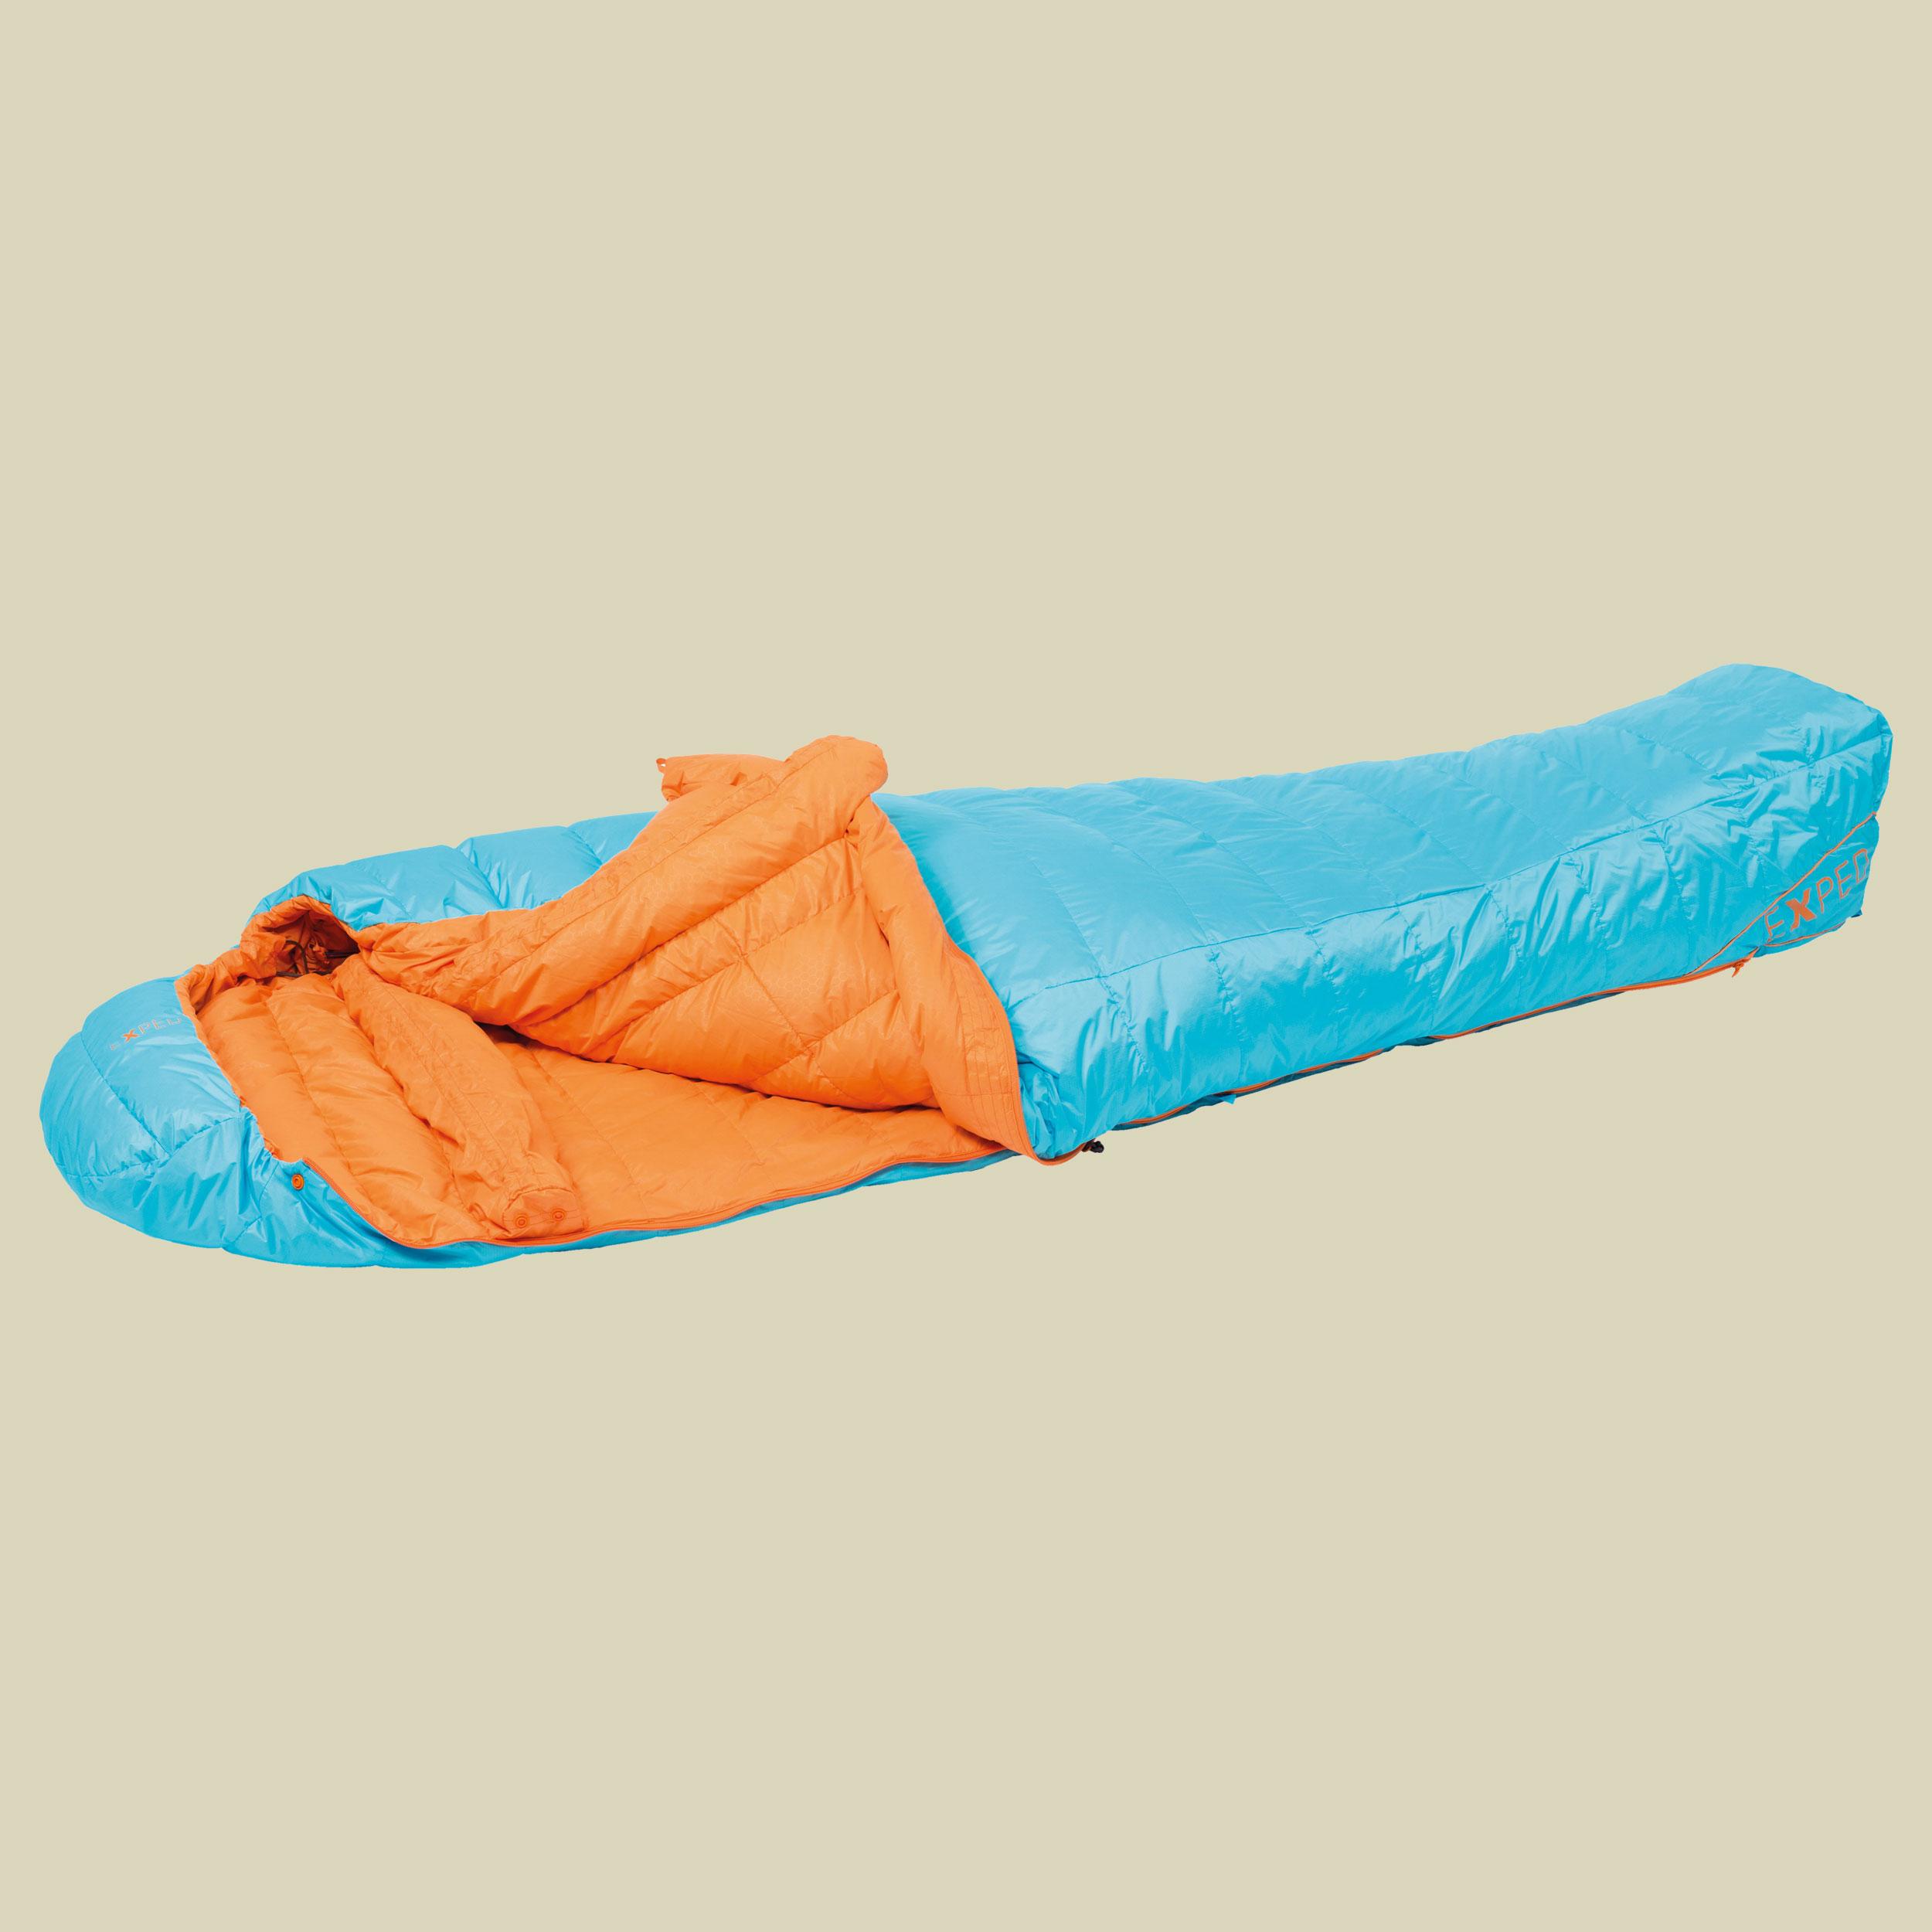 Image of Exped WinterLite -6° Daunenschlafsack Gr L blau/orange